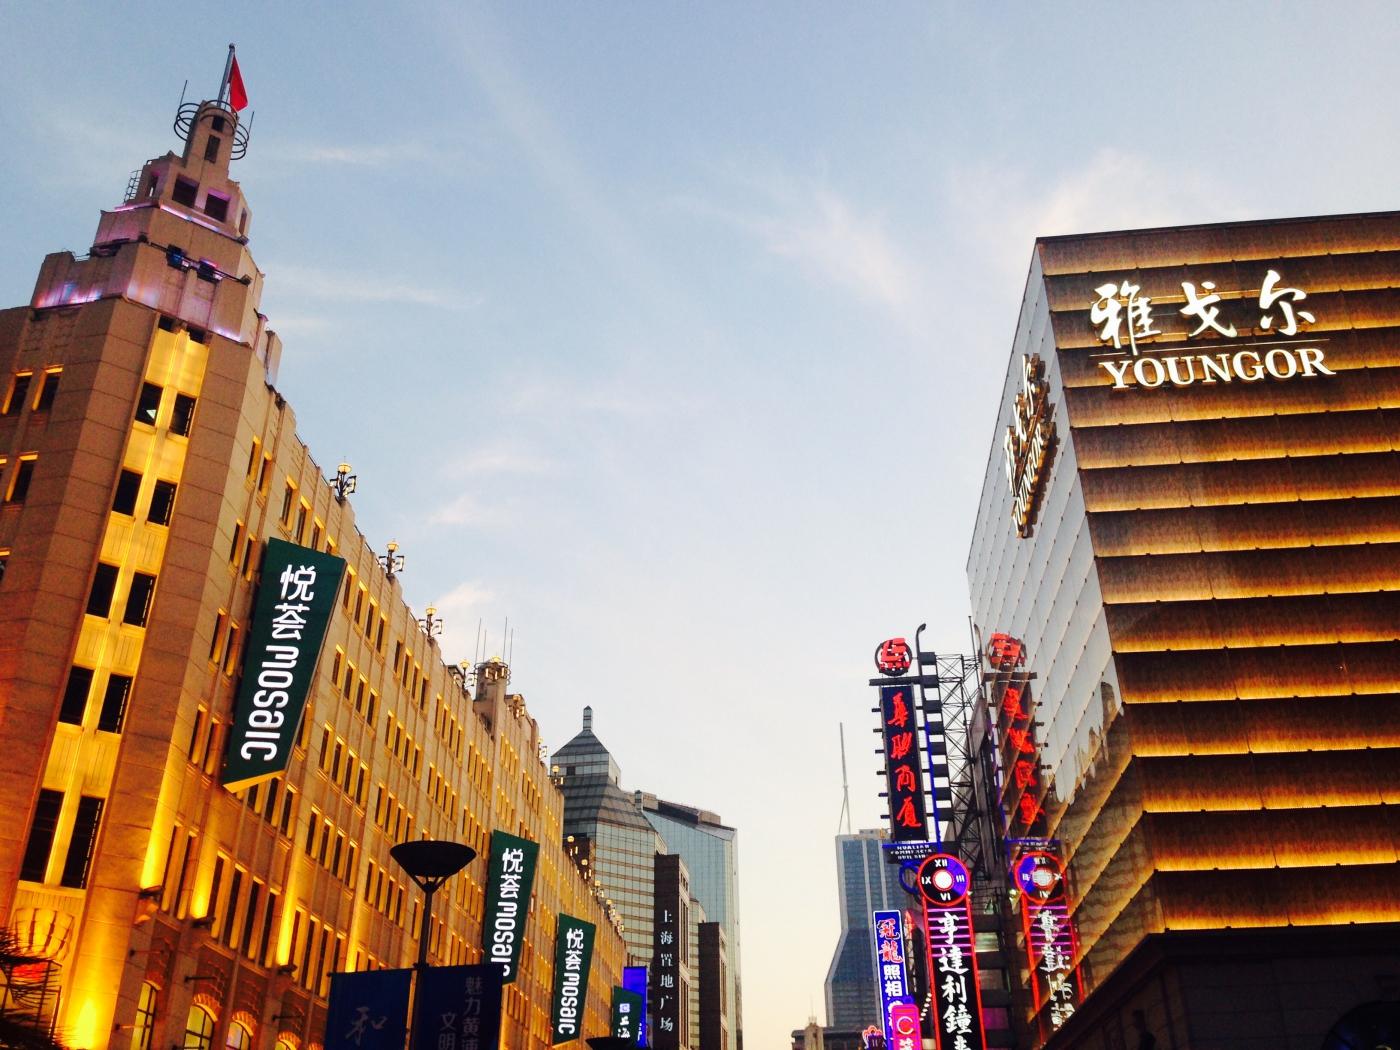 闲逛上海看街景_图1-31